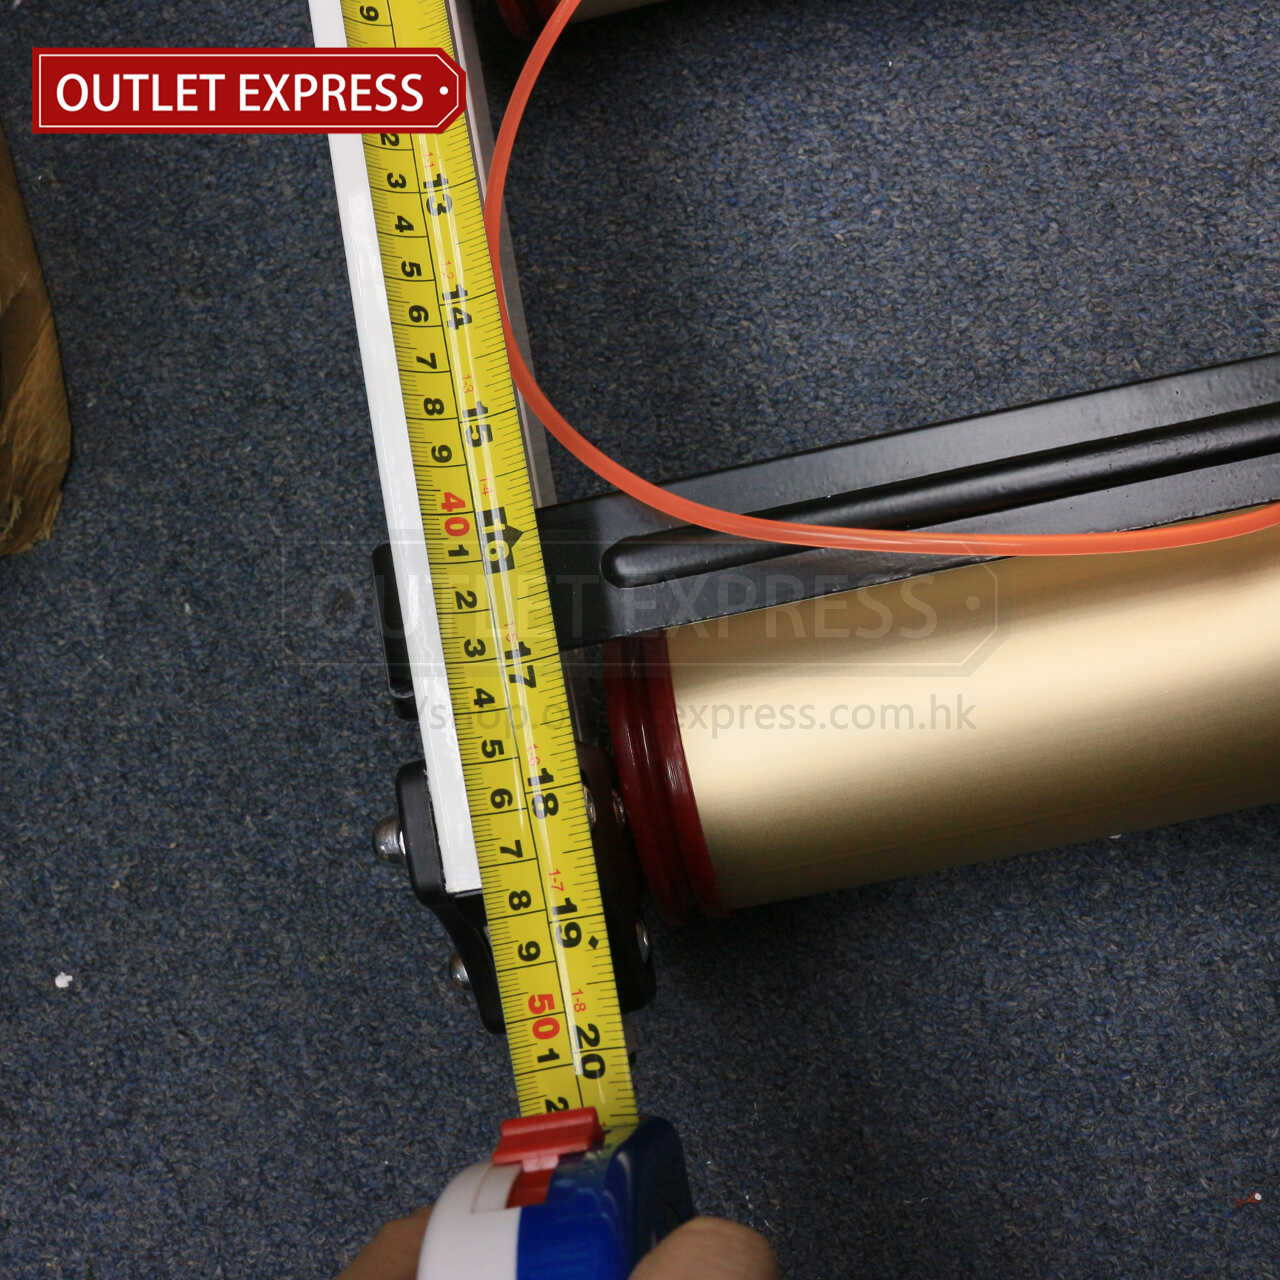 滾筒室內單車訓練台 - Outlet Express HK生活百貨城實拍相片